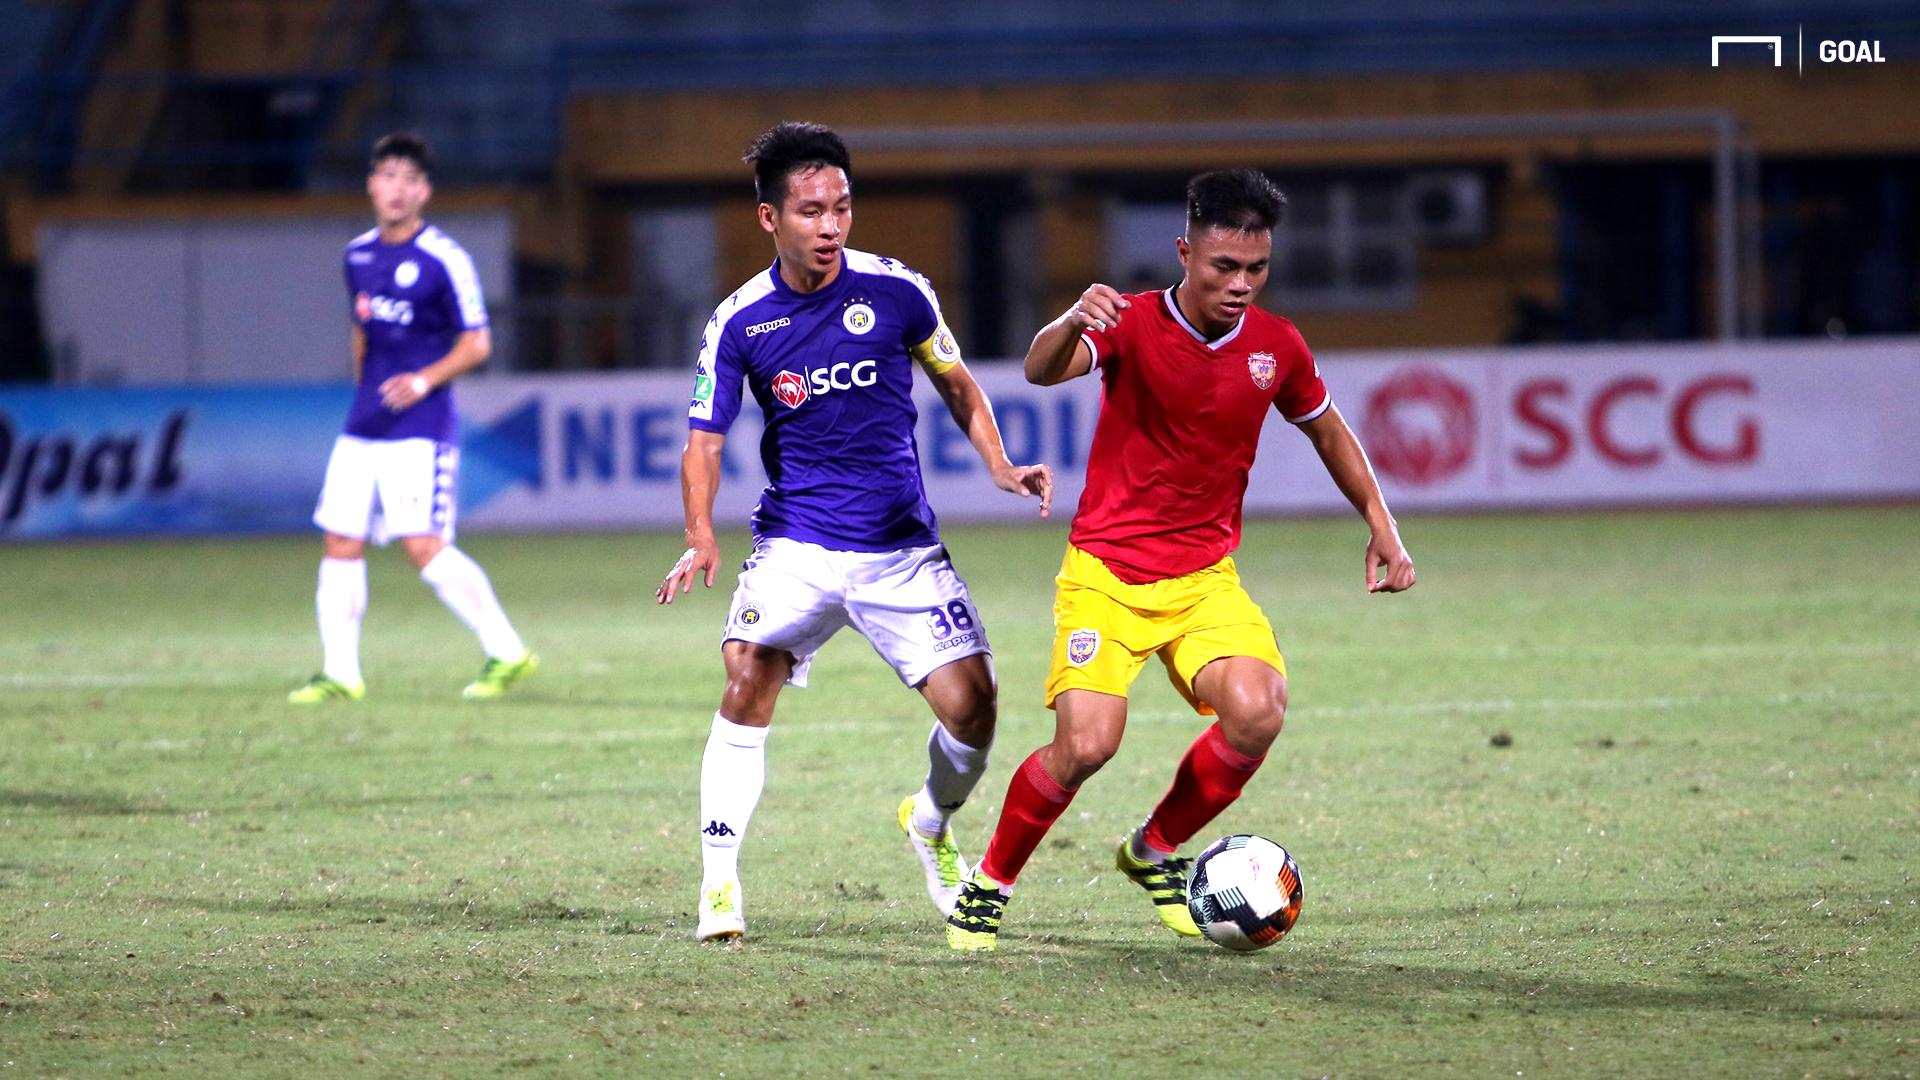 2318-do-hung-dung-ha-noi-vs-hong-linh-ha-tinh-vietnam-national-cup-2019-1bko32rt5ozx01fc7ufdq09fxn